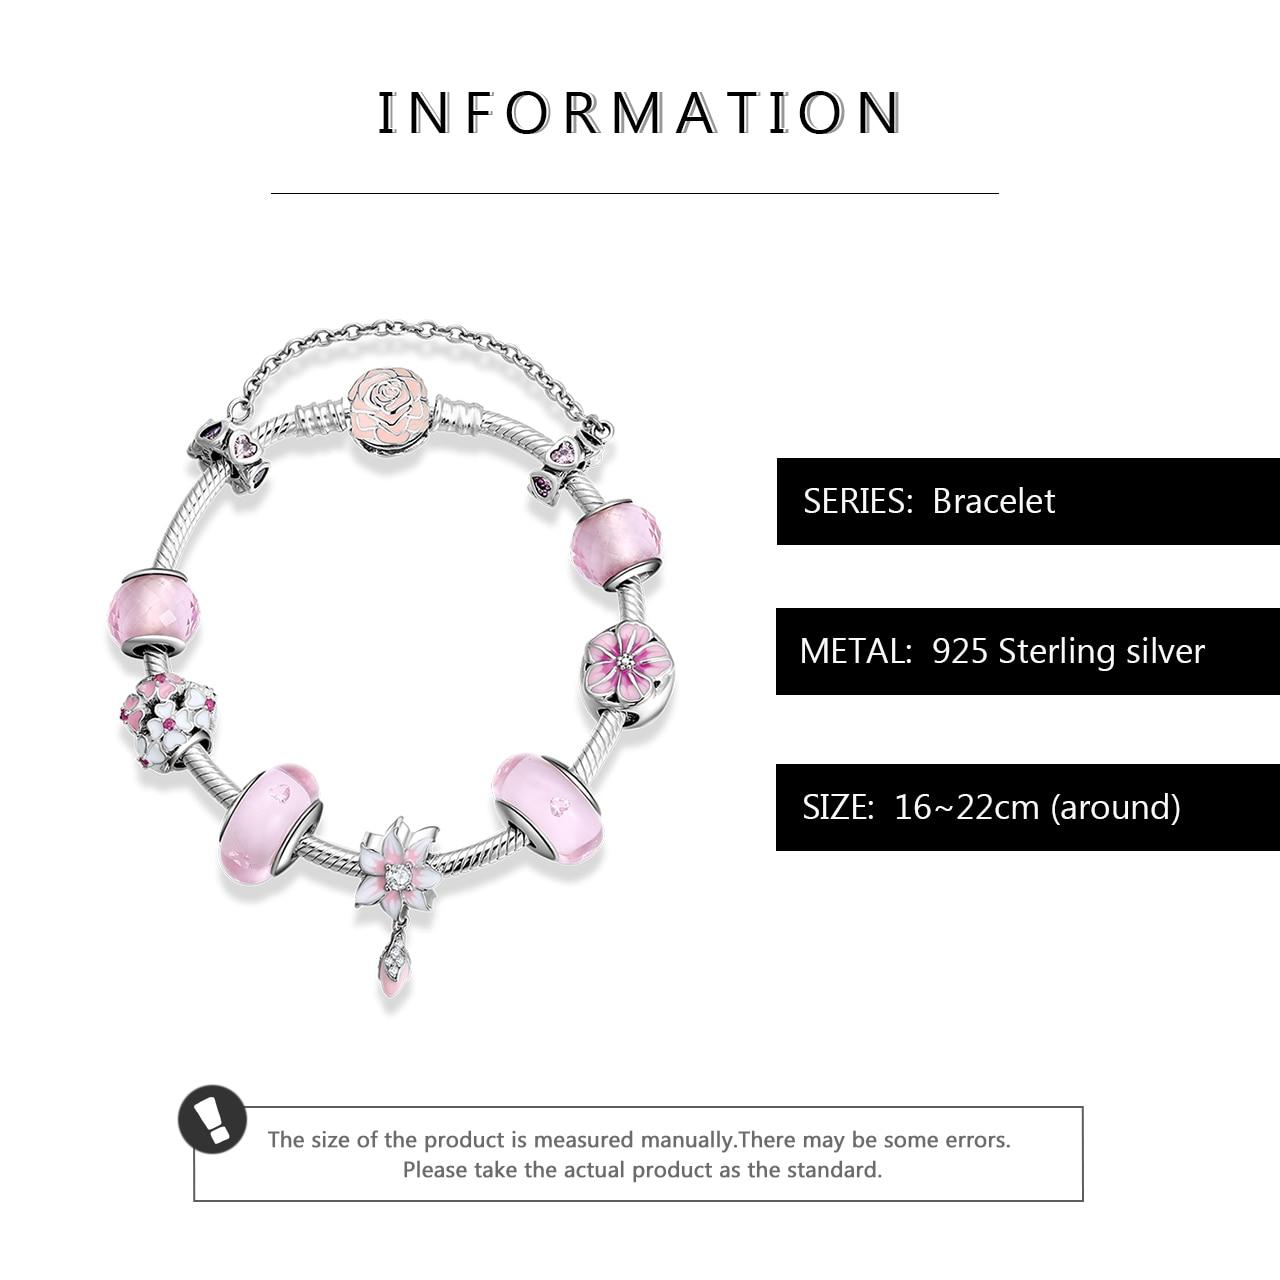 Новый женский роскошный браслет из стерлингового серебра 925 пробы, розовый эмалированный цветок, стеклянные бусины, очаровательный браслет для женщин, вечерние ювелирные изделия, подарок своими руками - 3